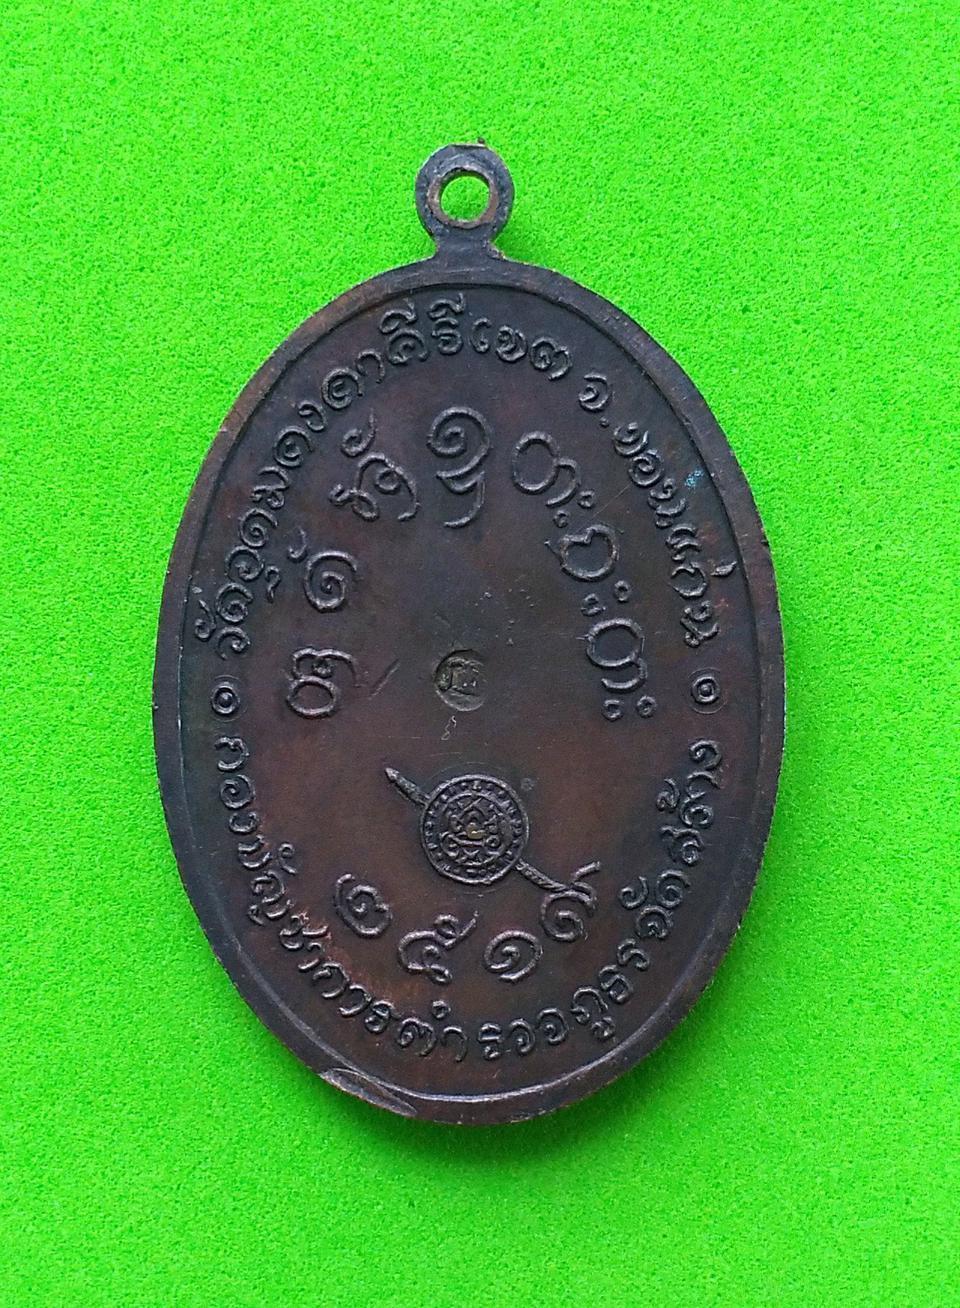 5668 เหรียญหลวงพ่อผาง วัดอุดมคงคาคีรีเขต ปี 2519 กองบัญชาการตำรวจภูธรจัดสร้าง รูปที่ 2